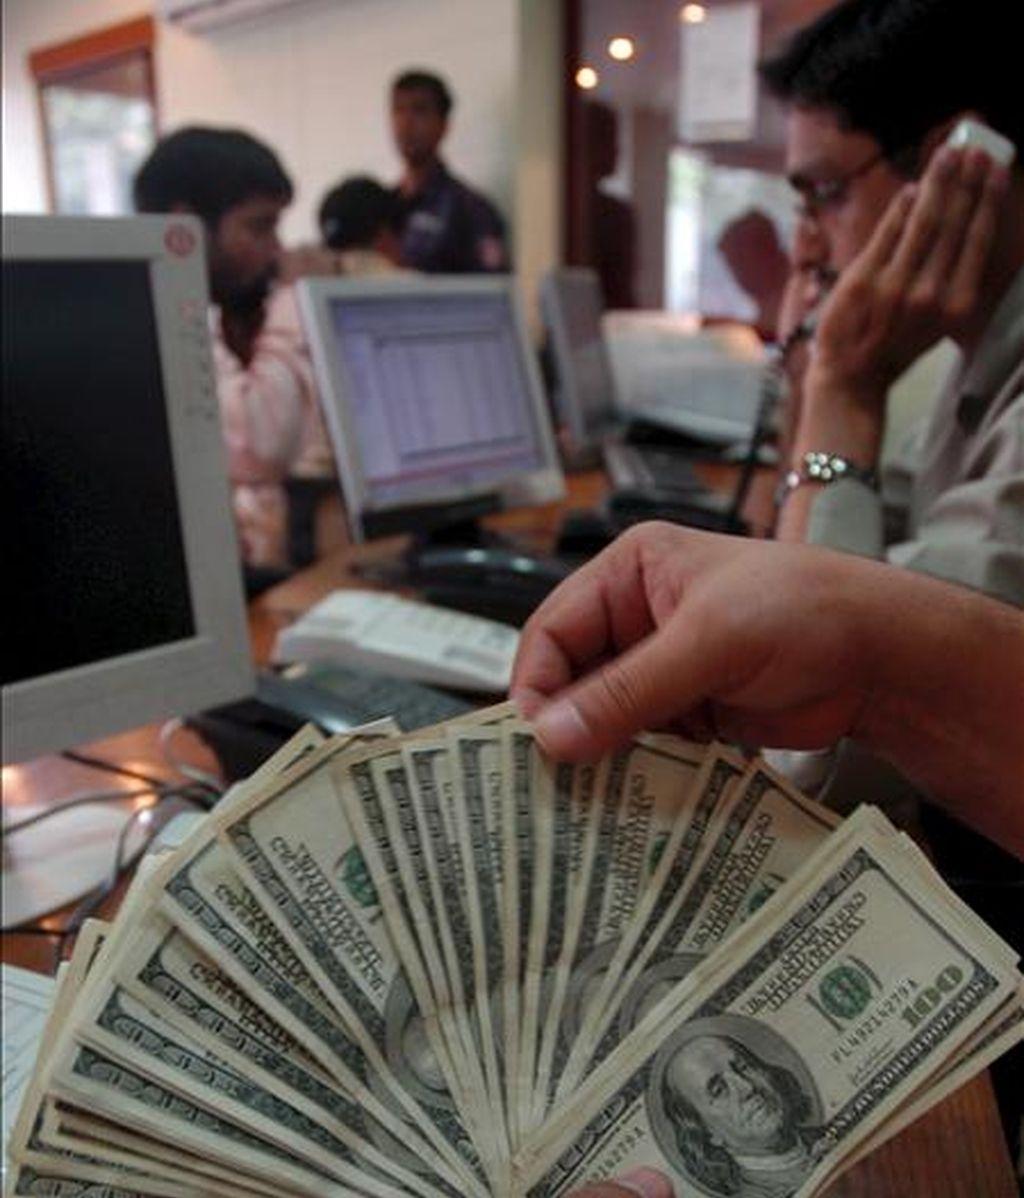 Los recursos captados en este tipo de operaciones se destinarán a aumentar las reservas del llamado Fondo Soberano, una cuenta de ahorro creada en 2008 como un mecanismo para combatir la volatilidad. EFE/Archivo